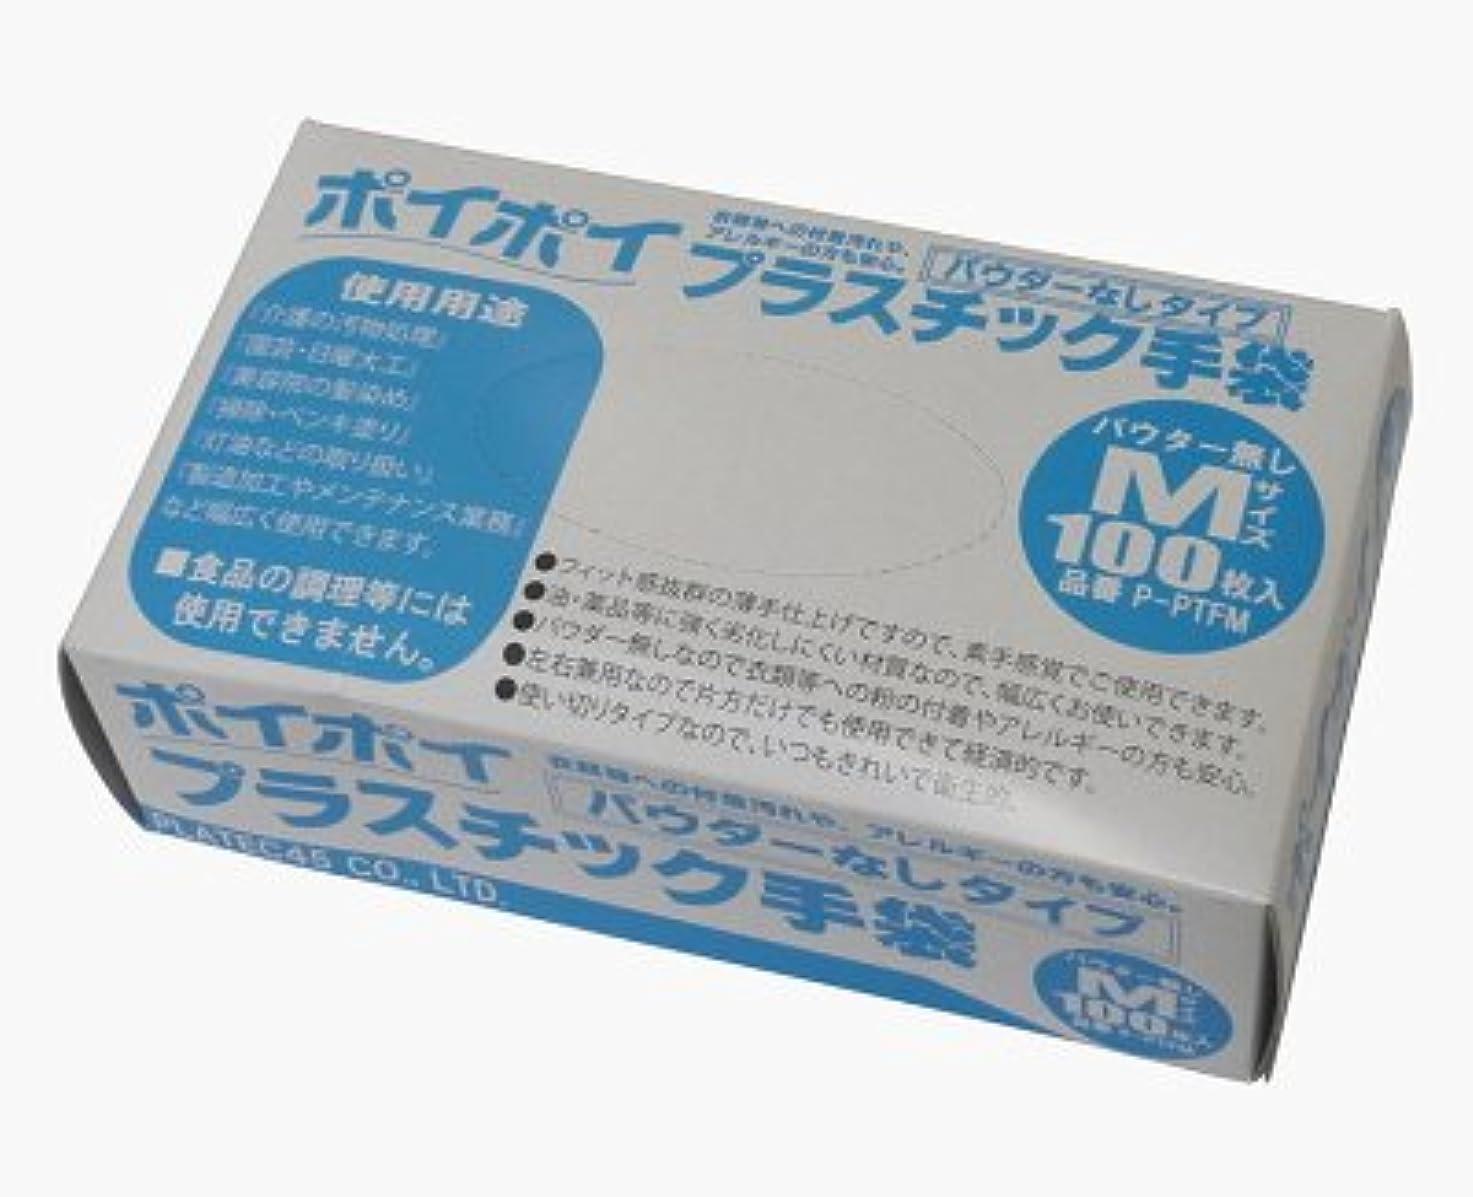 ディレクターシャワー怖がらせる●●●プラテック45 プラスチックグローブパウダー無しM 100枚×20箱